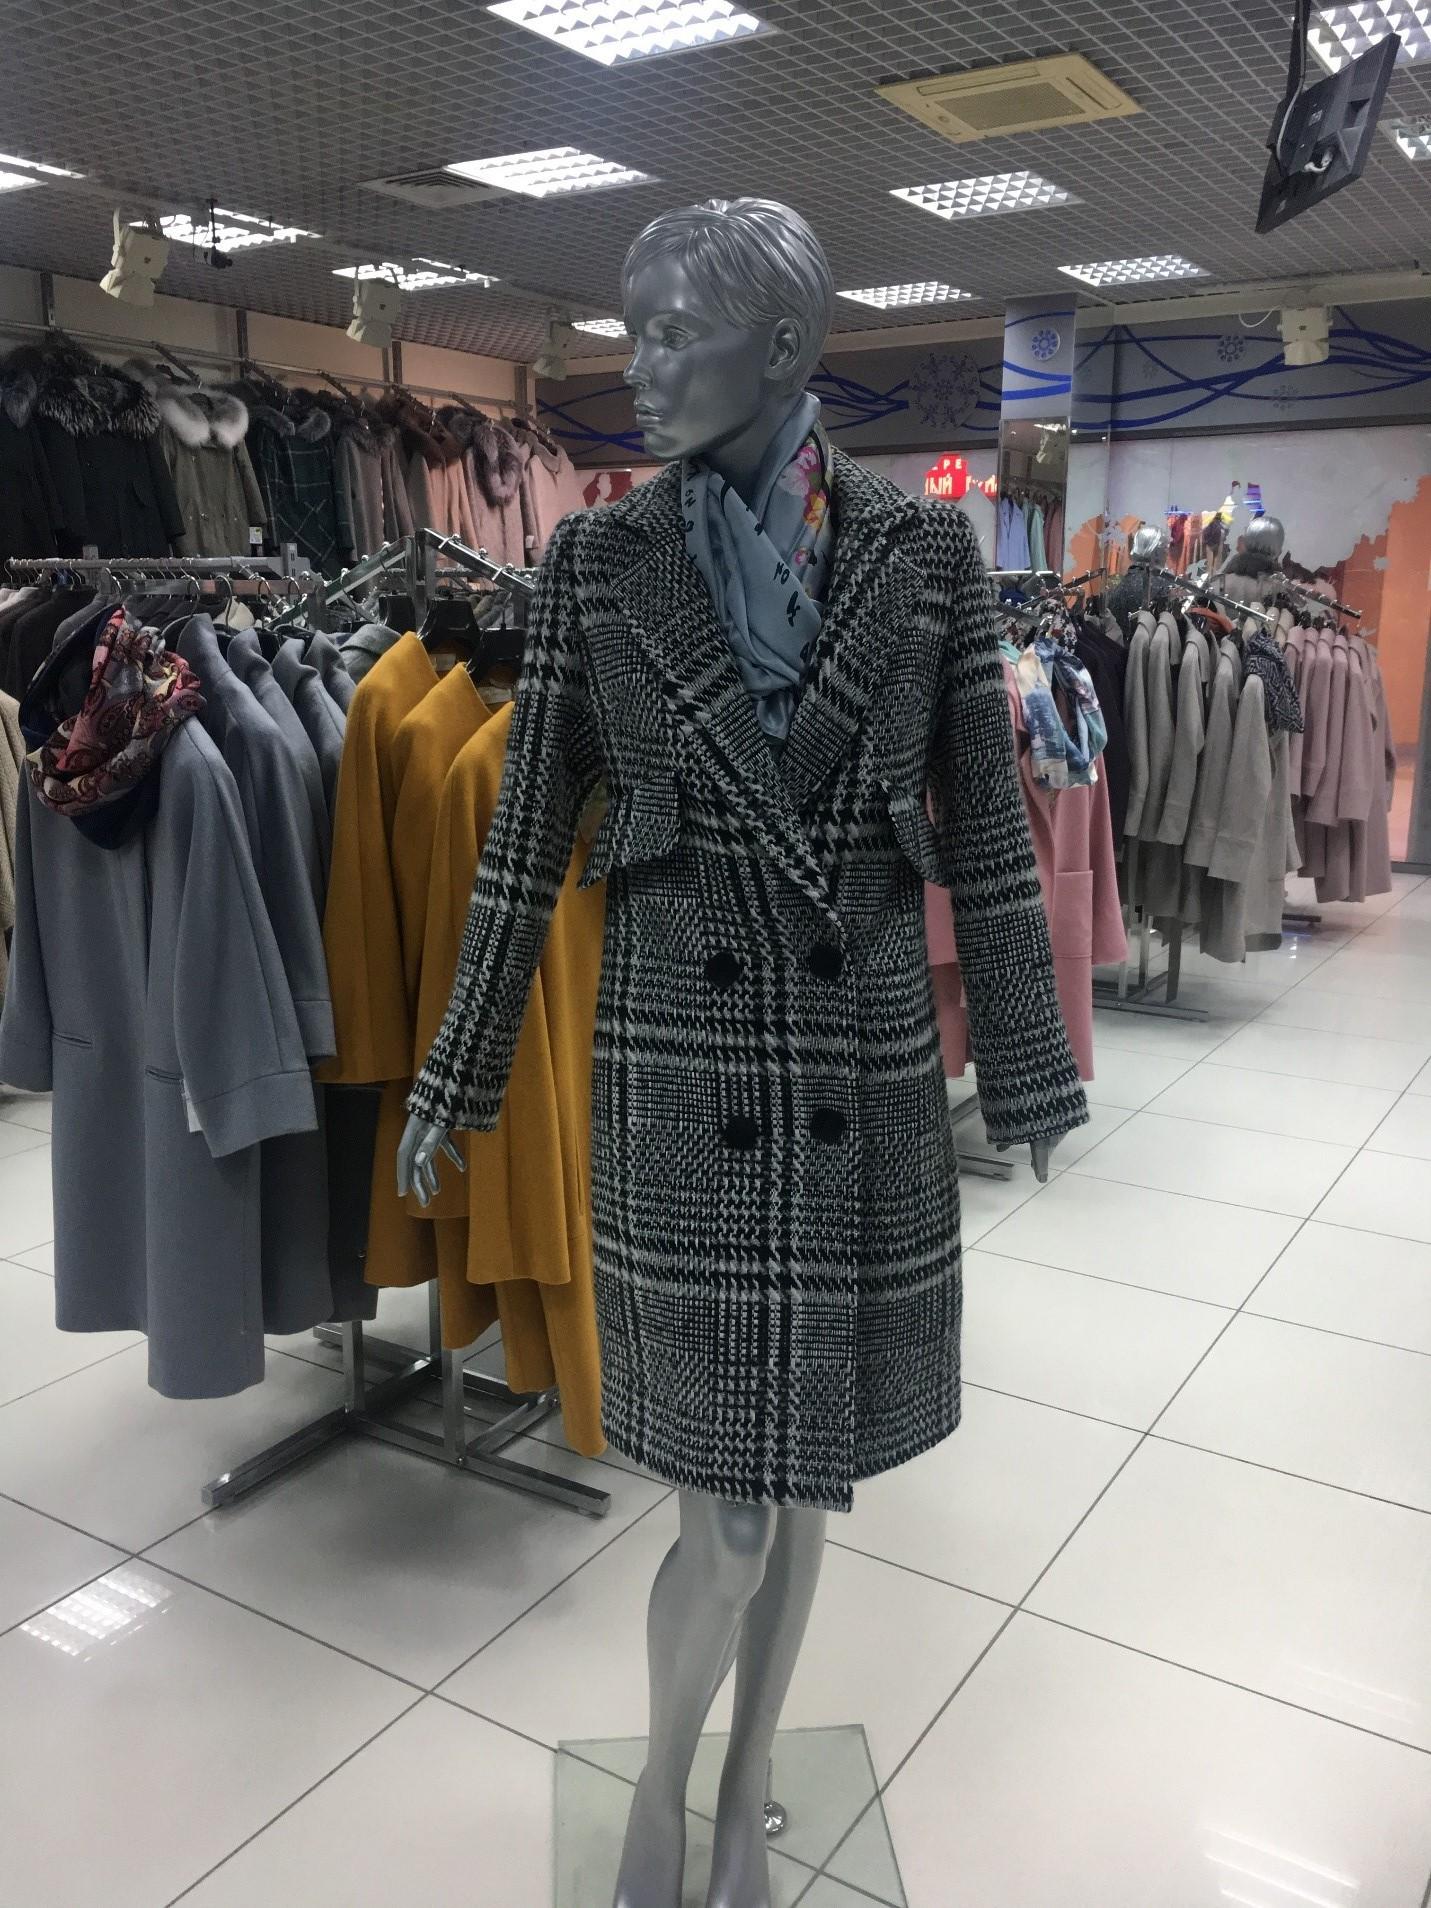 5efef8913676 Магазин «Соболь» в Екатеринбурге представил новую коллекцию верхней ...